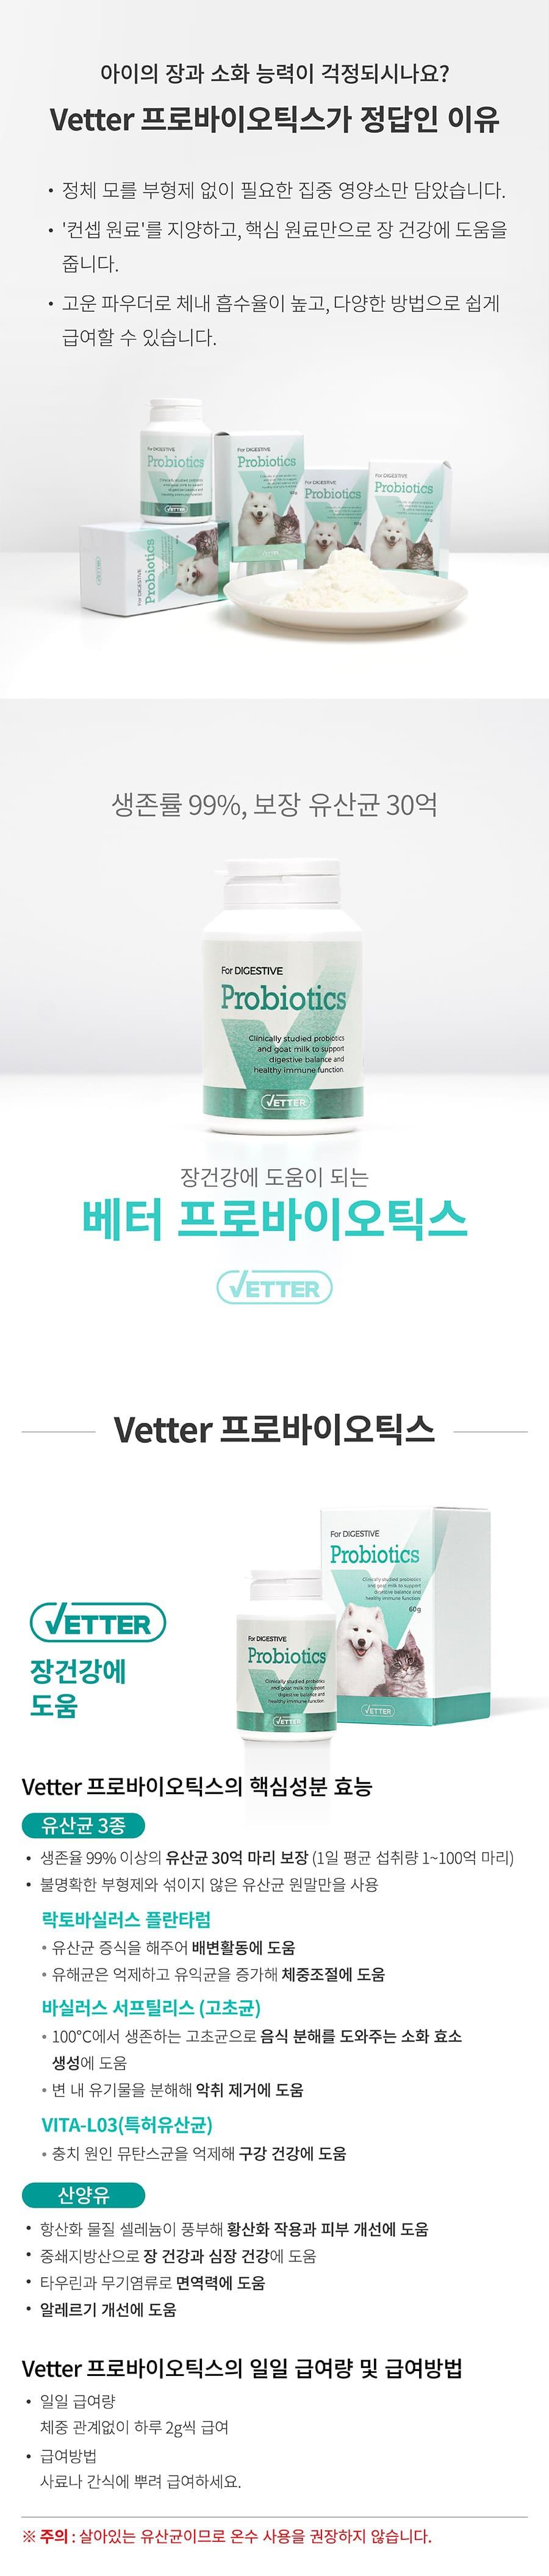 [EVENT] Vetter 댕냥이 영양 파우더 11종 (관절/피부/안정/눈/장/소화)-상품이미지-7